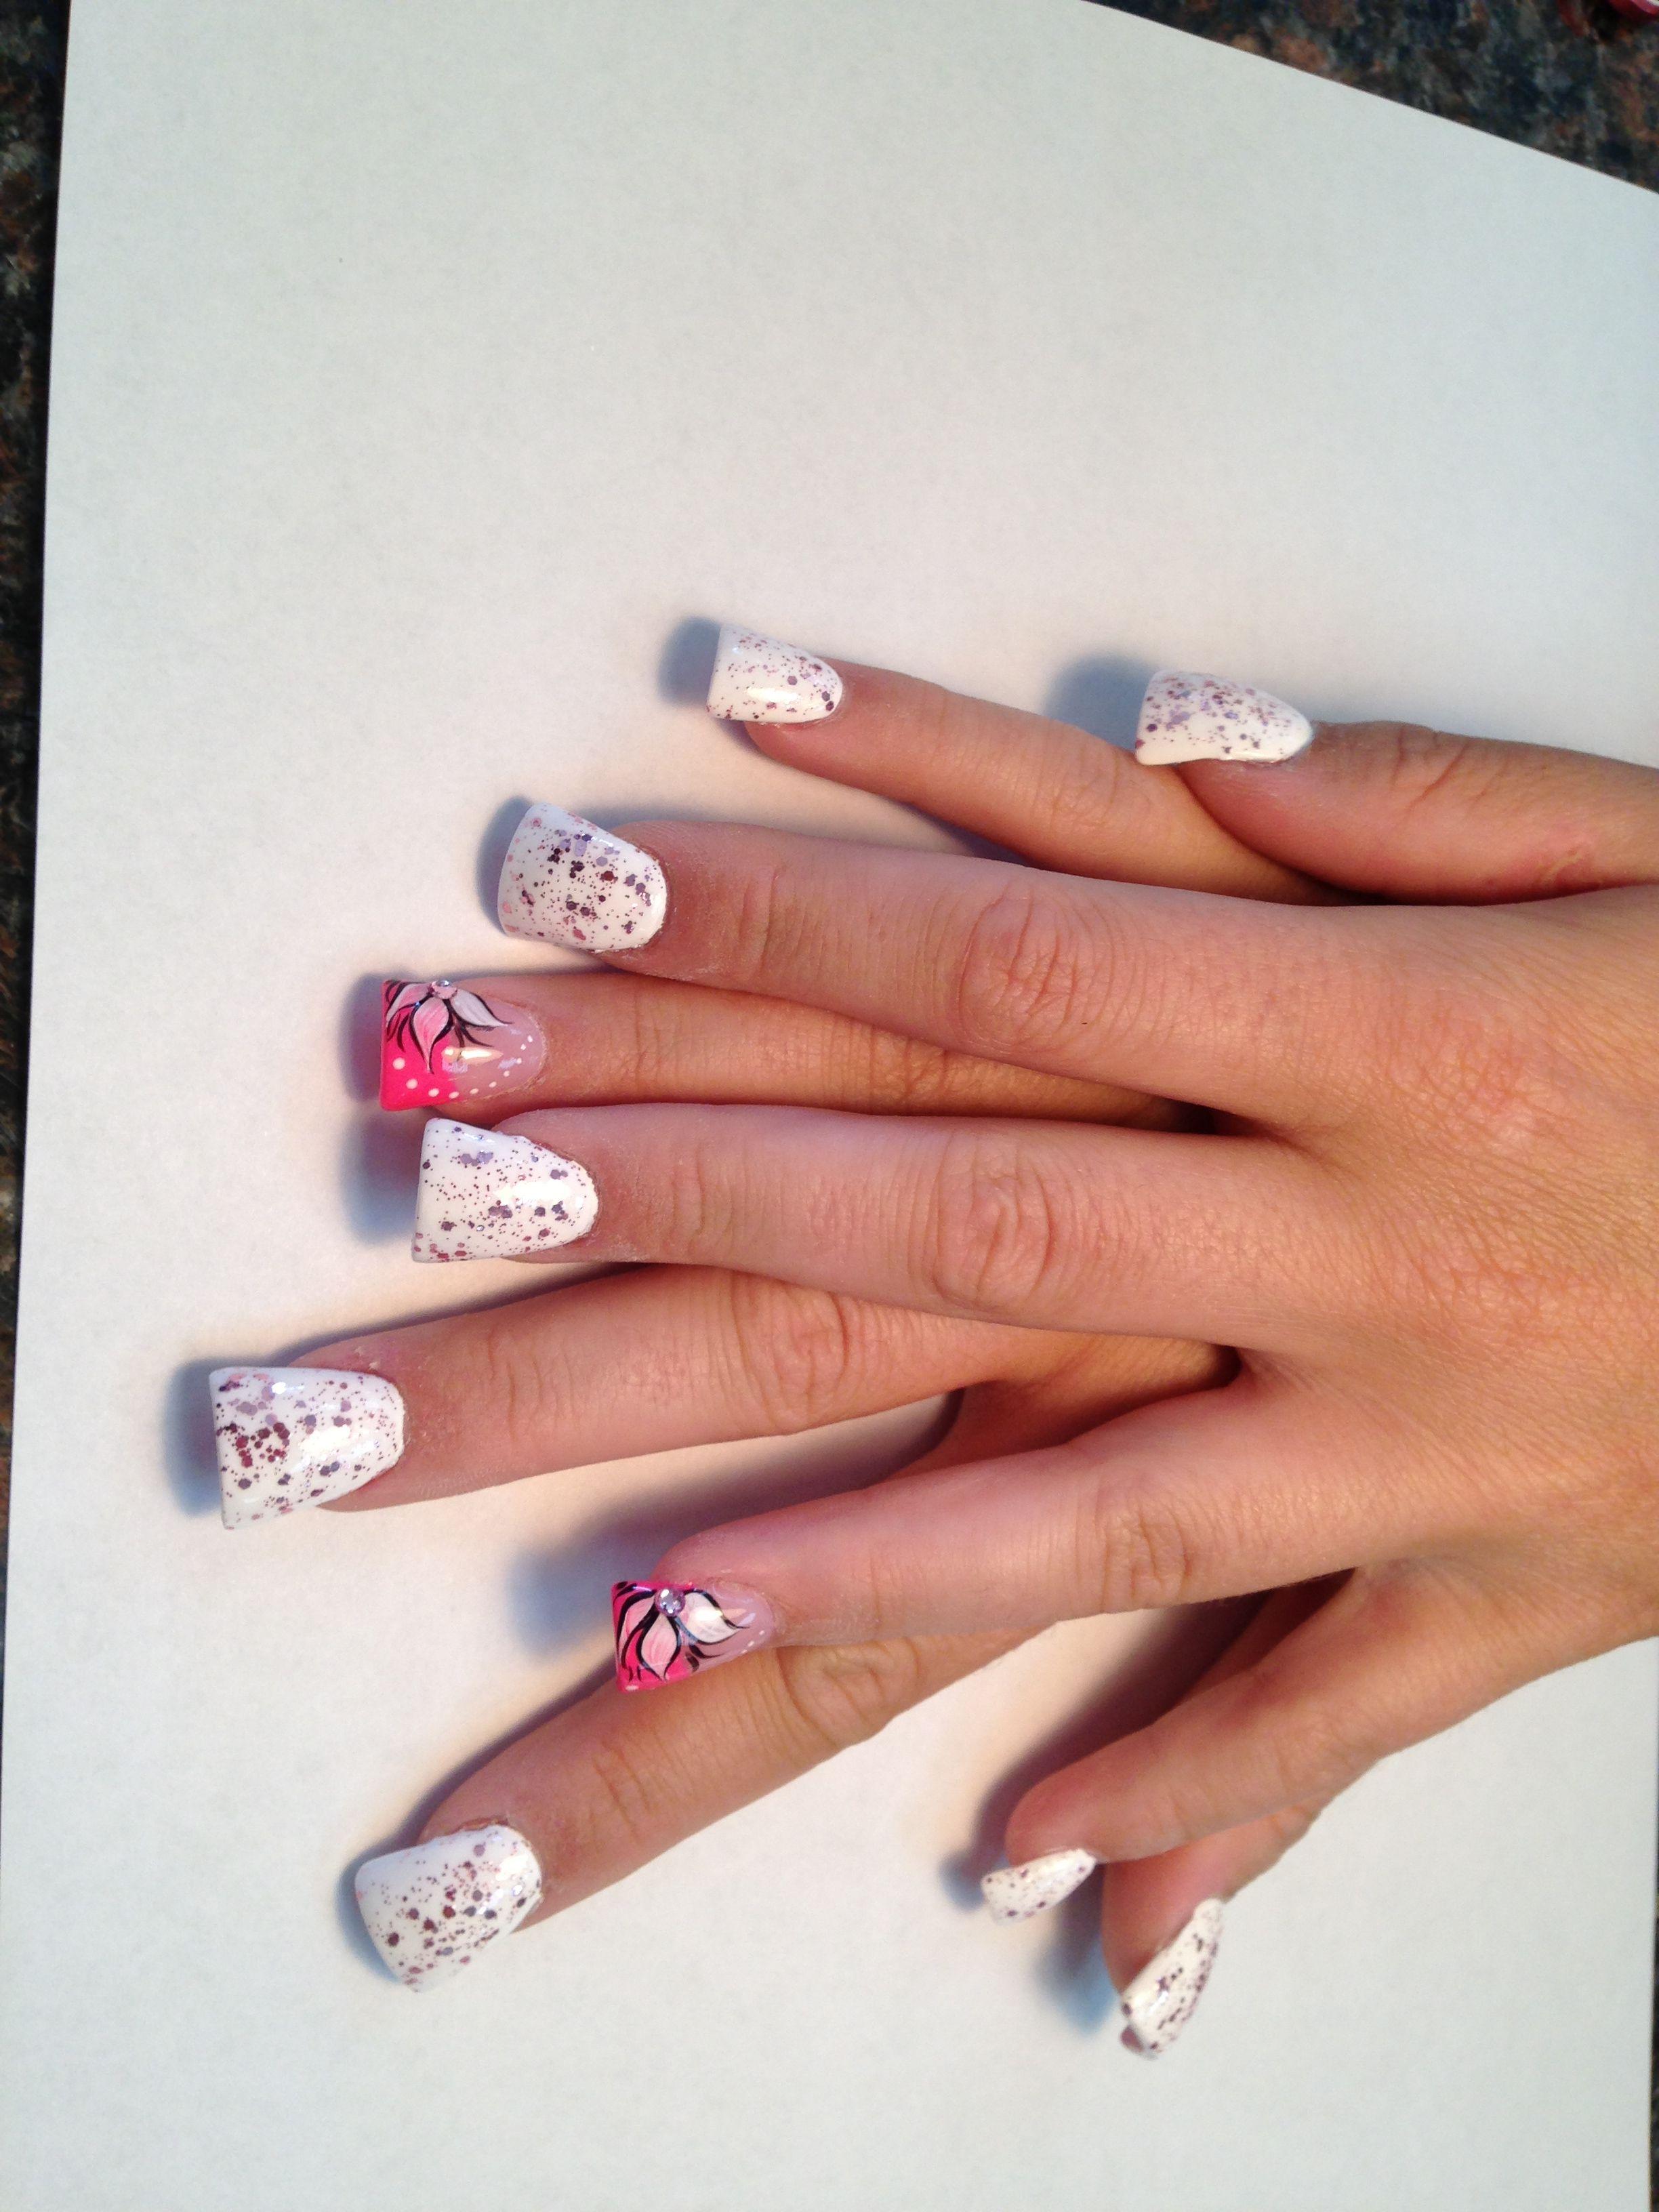 Nail Art Done By Jennifer Ez Nails 580 North Main St Barnegat Nj 08005 Nail Polish Art Nail Art Summer Nail Designs Summer